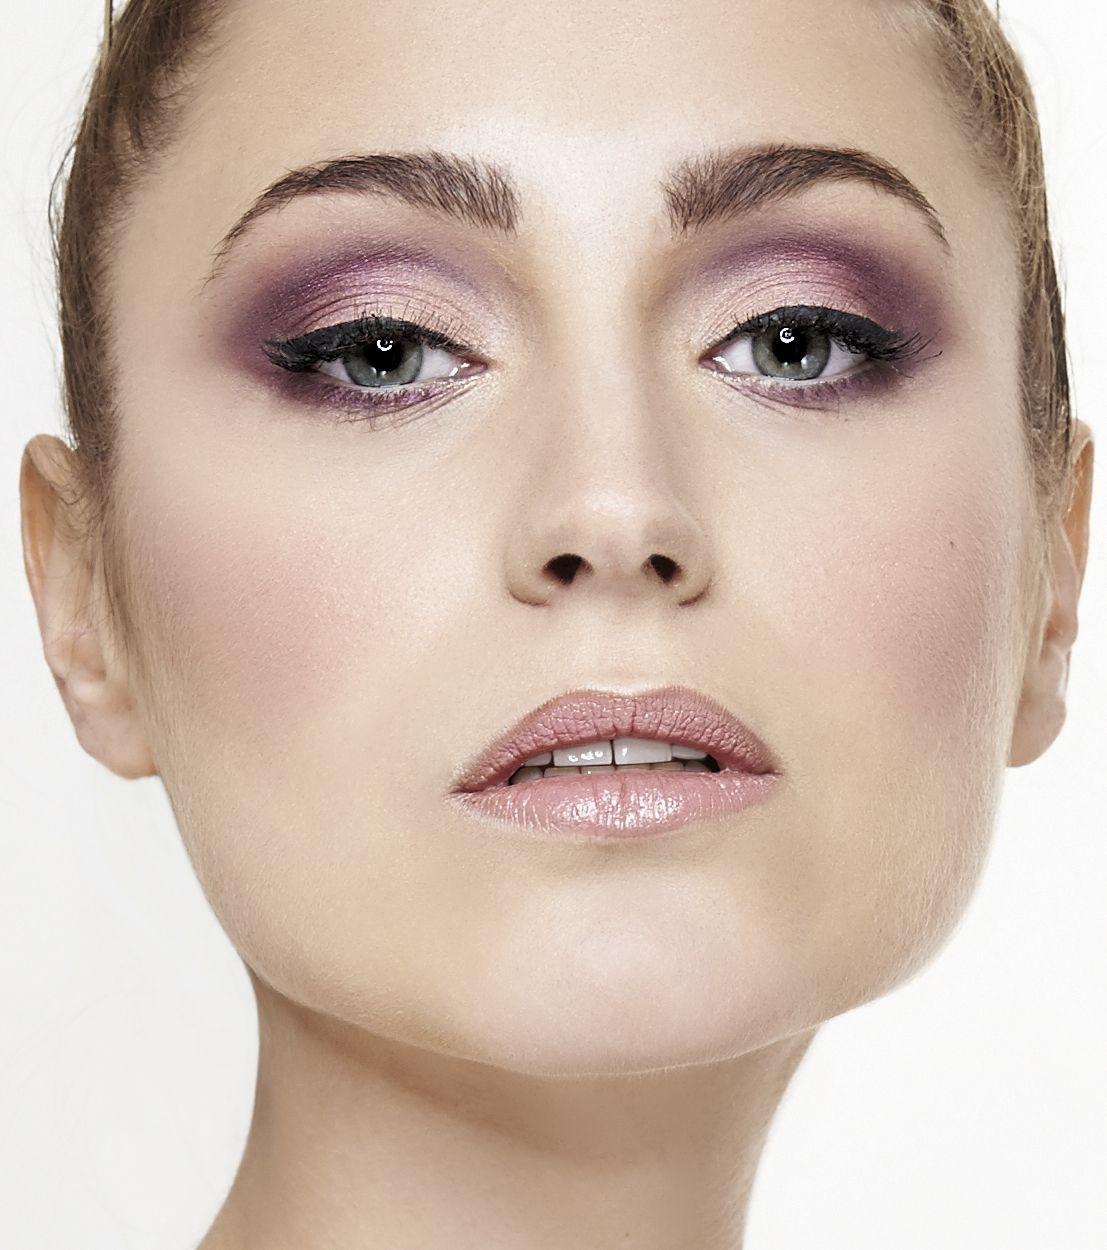 Curso de maquillaje Specific Beauty, 3 meses de formación de maquillaje especializado en Belleza. (Barcelona) Inicio: 7 de Abril (3 meses, todos los viernes)-Horario de tarde. Inicio: 10 de Abril (3 meses, todos los lunes)-Horarios de mañanas y de tardes (a escoger) Infórmate✉: hola@colors-up.com ☎93412 55 11 - Barcelona